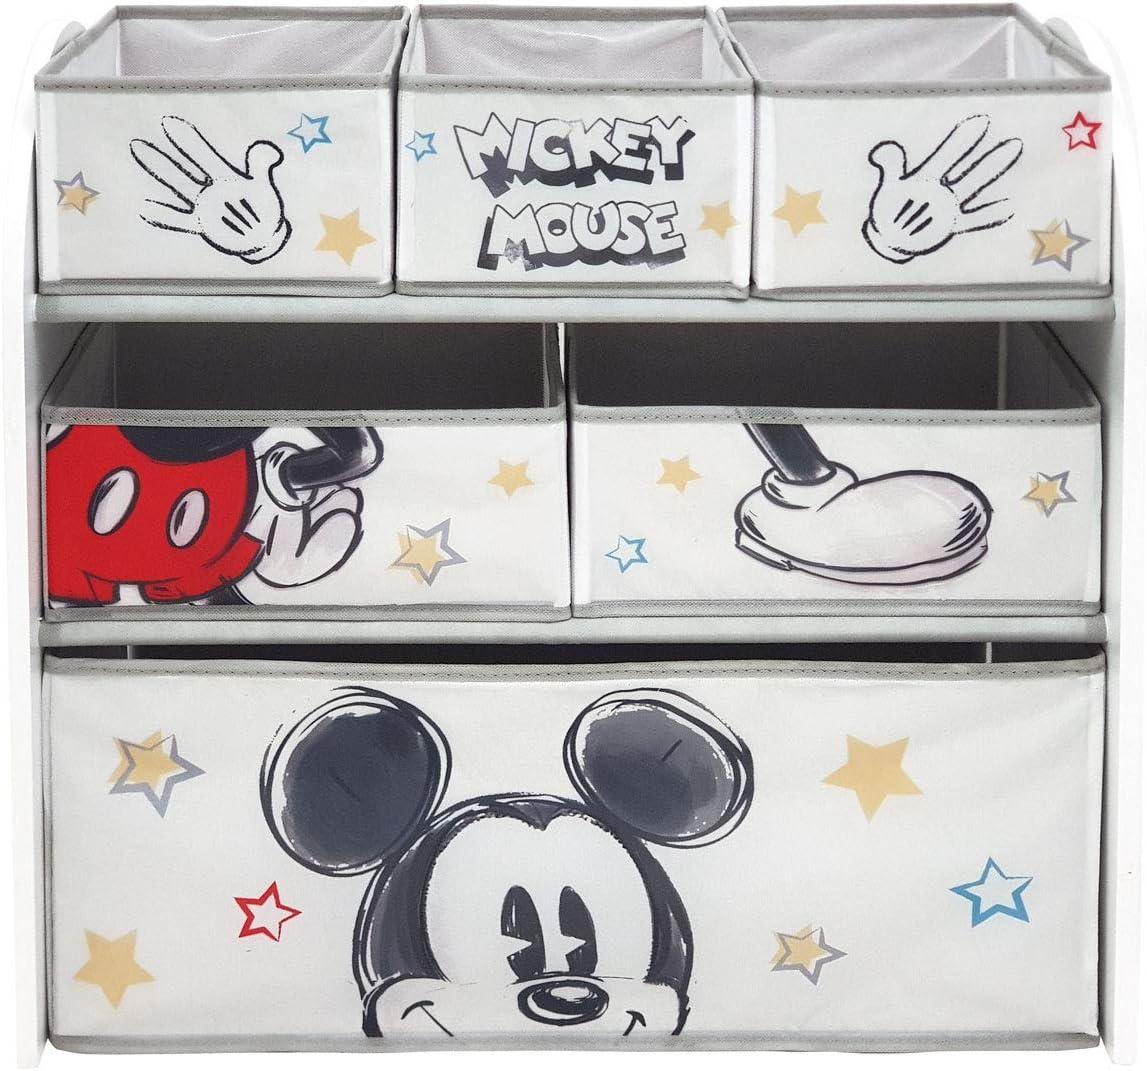 ARDITEX WD13694 Organizador de Madera (62x30x60cm) con 6 cestos Textiles de Almacenamiento de Disney-Mickey